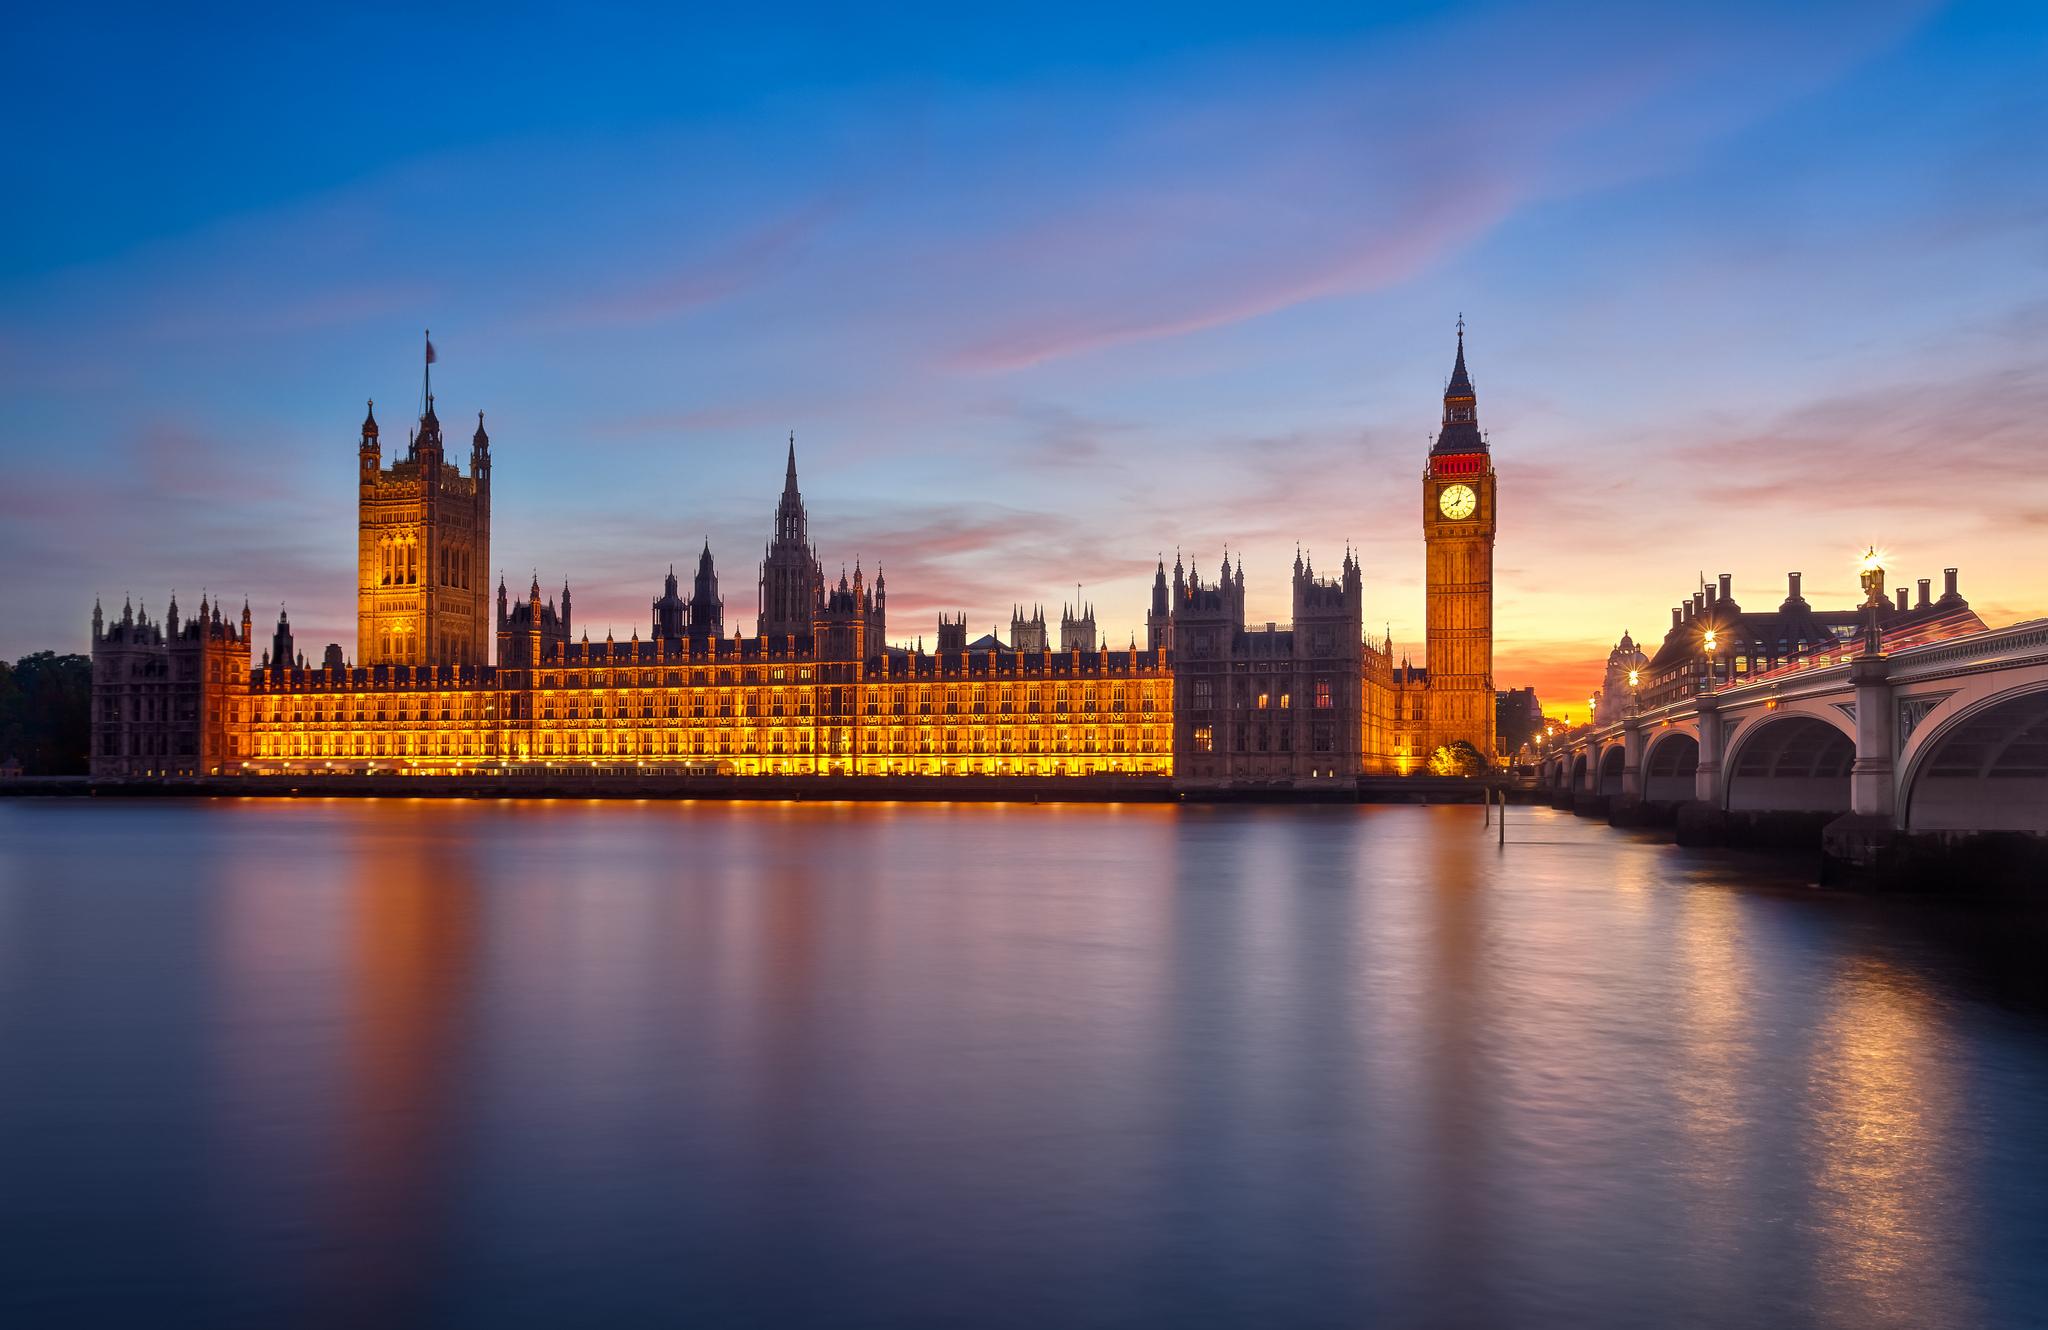 страны архитектура Лондон Англия  № 573778 бесплатно